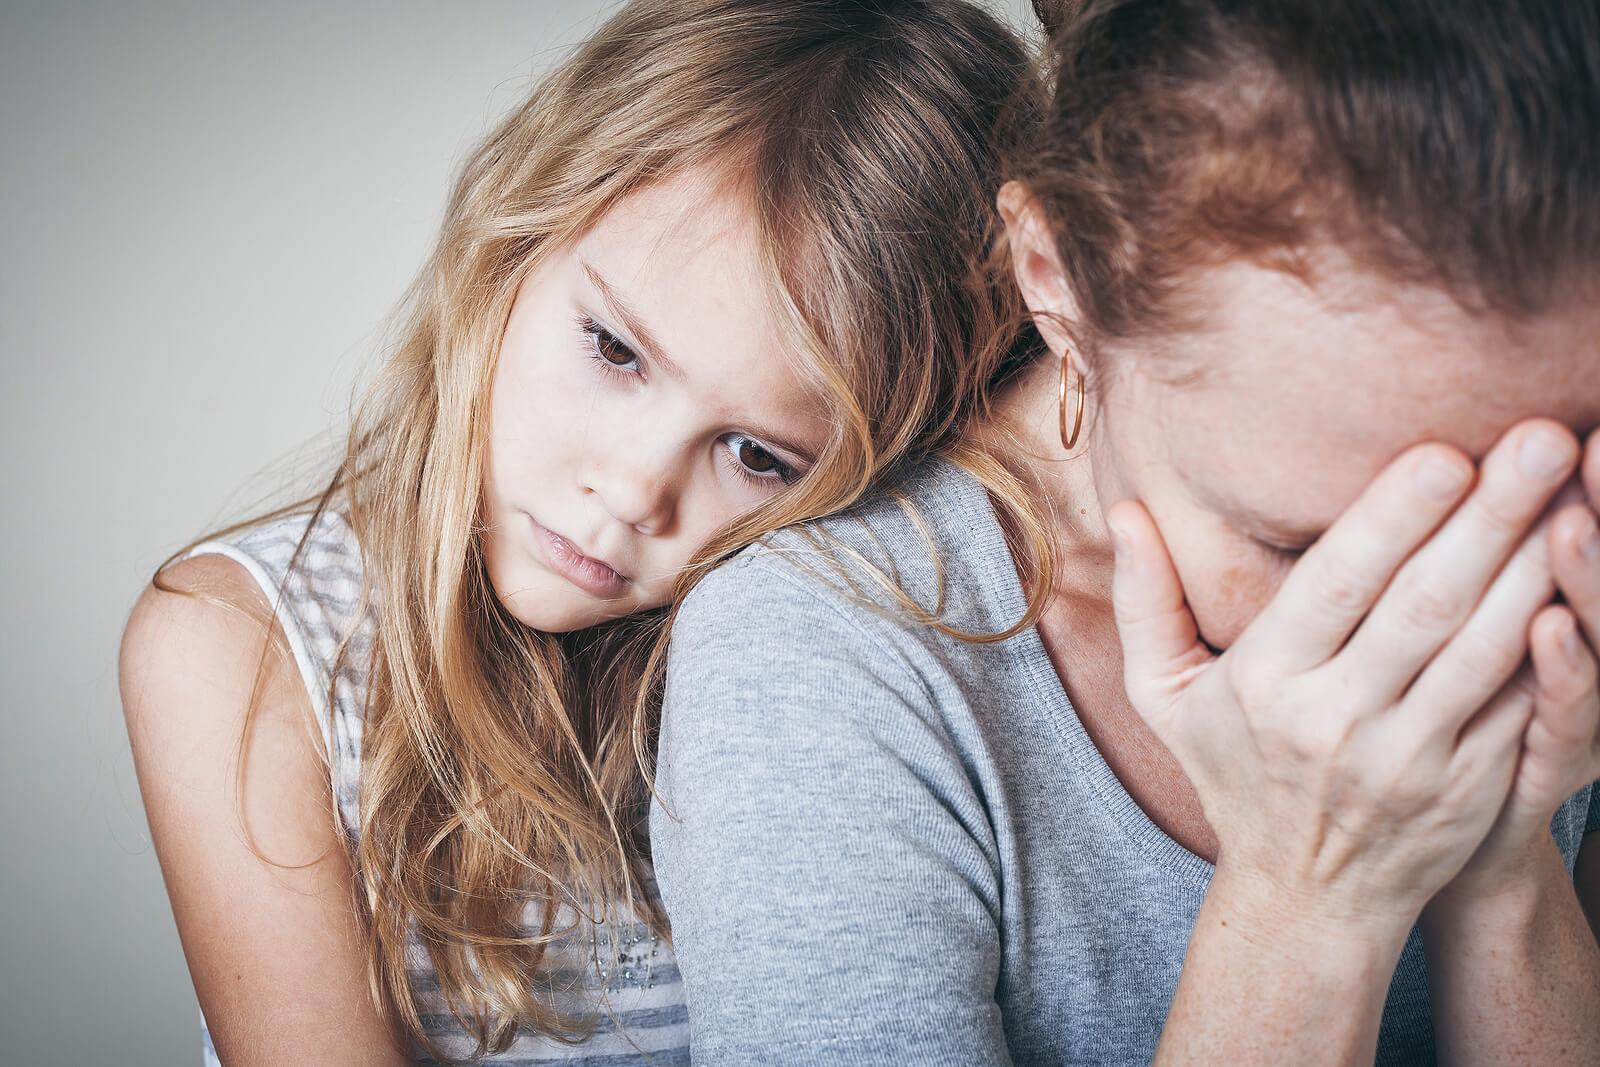 Hija apoya en el hombro de su madre para darle apoyo mientras sufre un ataque de ansiedad.